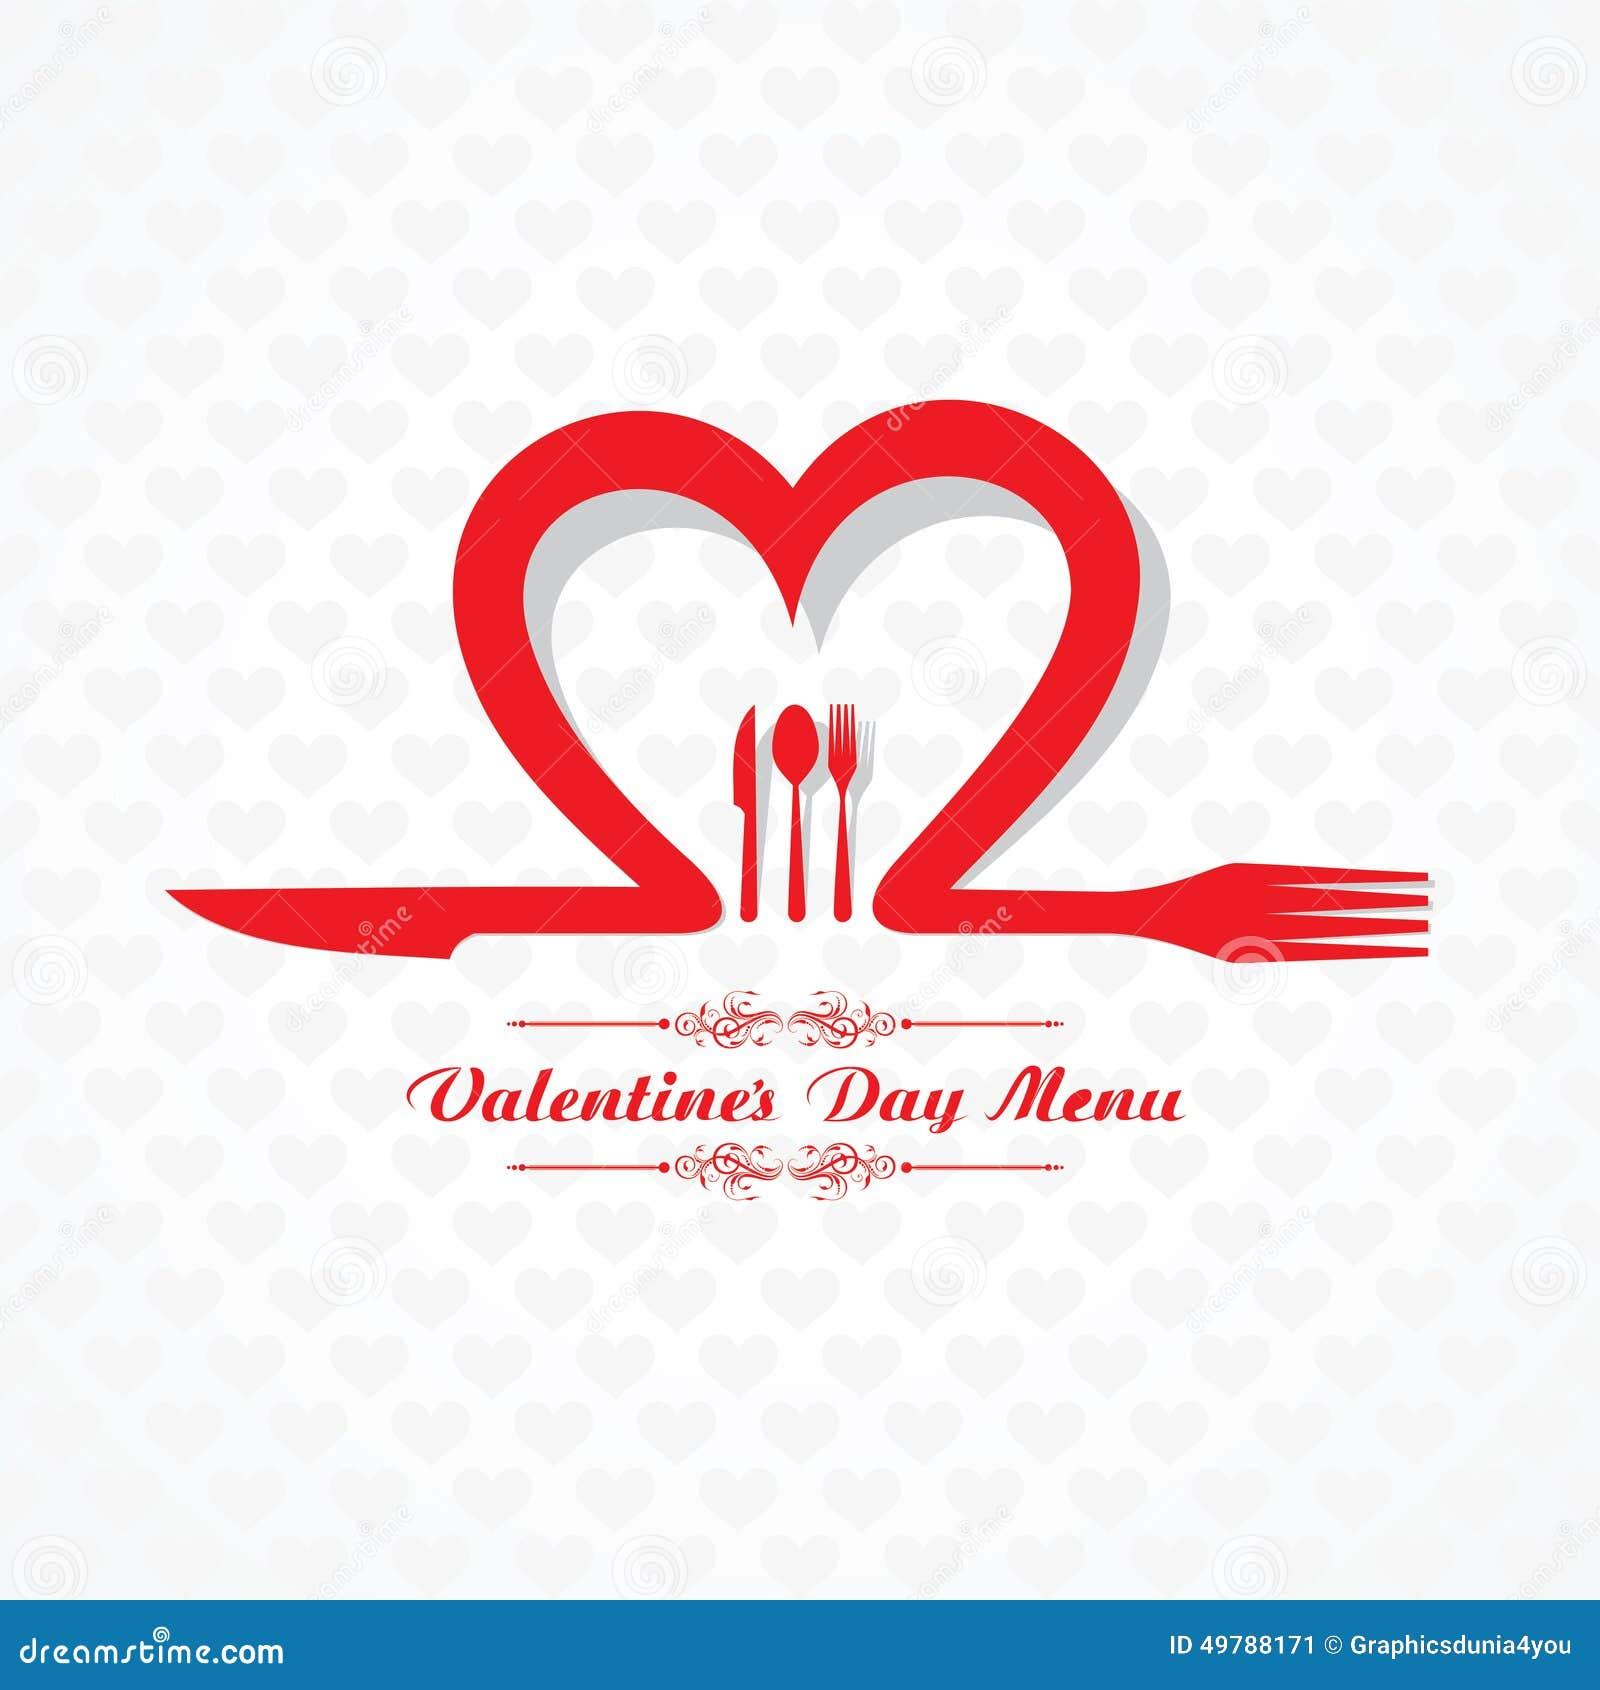 C R Restaurant Valentine S Day